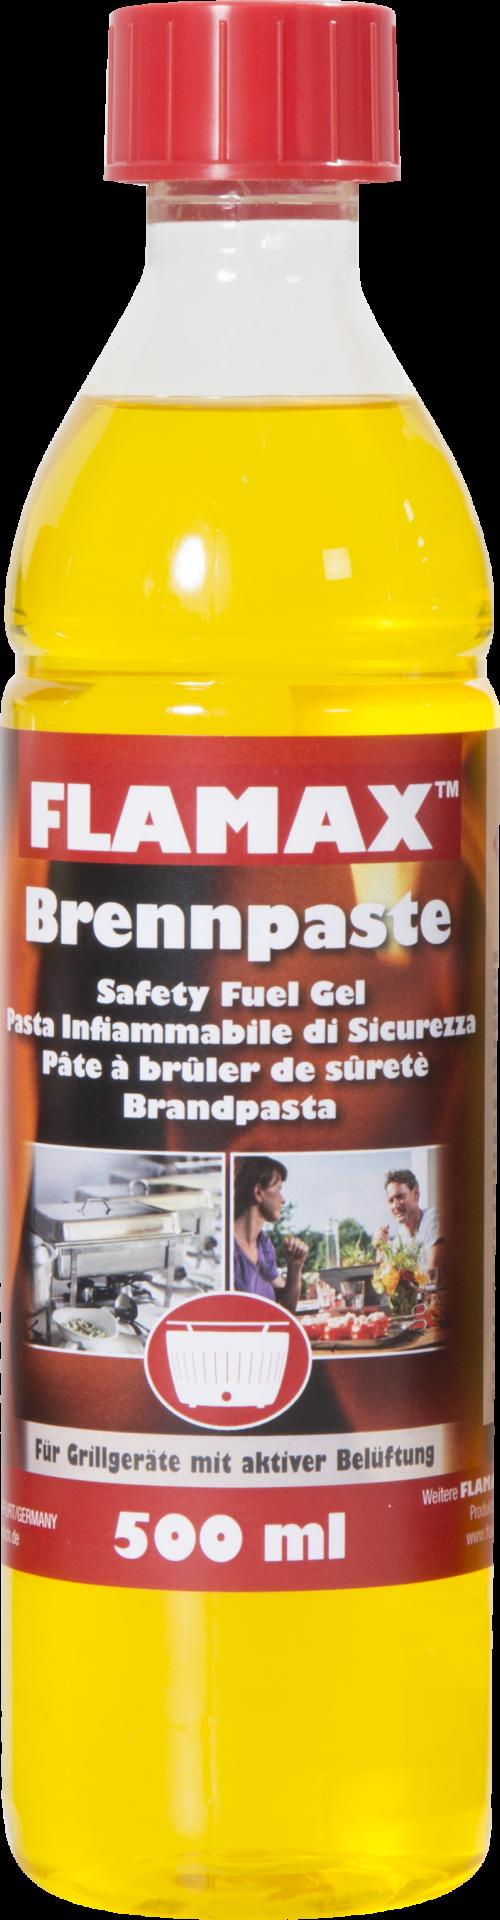 brennpaste 0 5l flamax. Black Bedroom Furniture Sets. Home Design Ideas